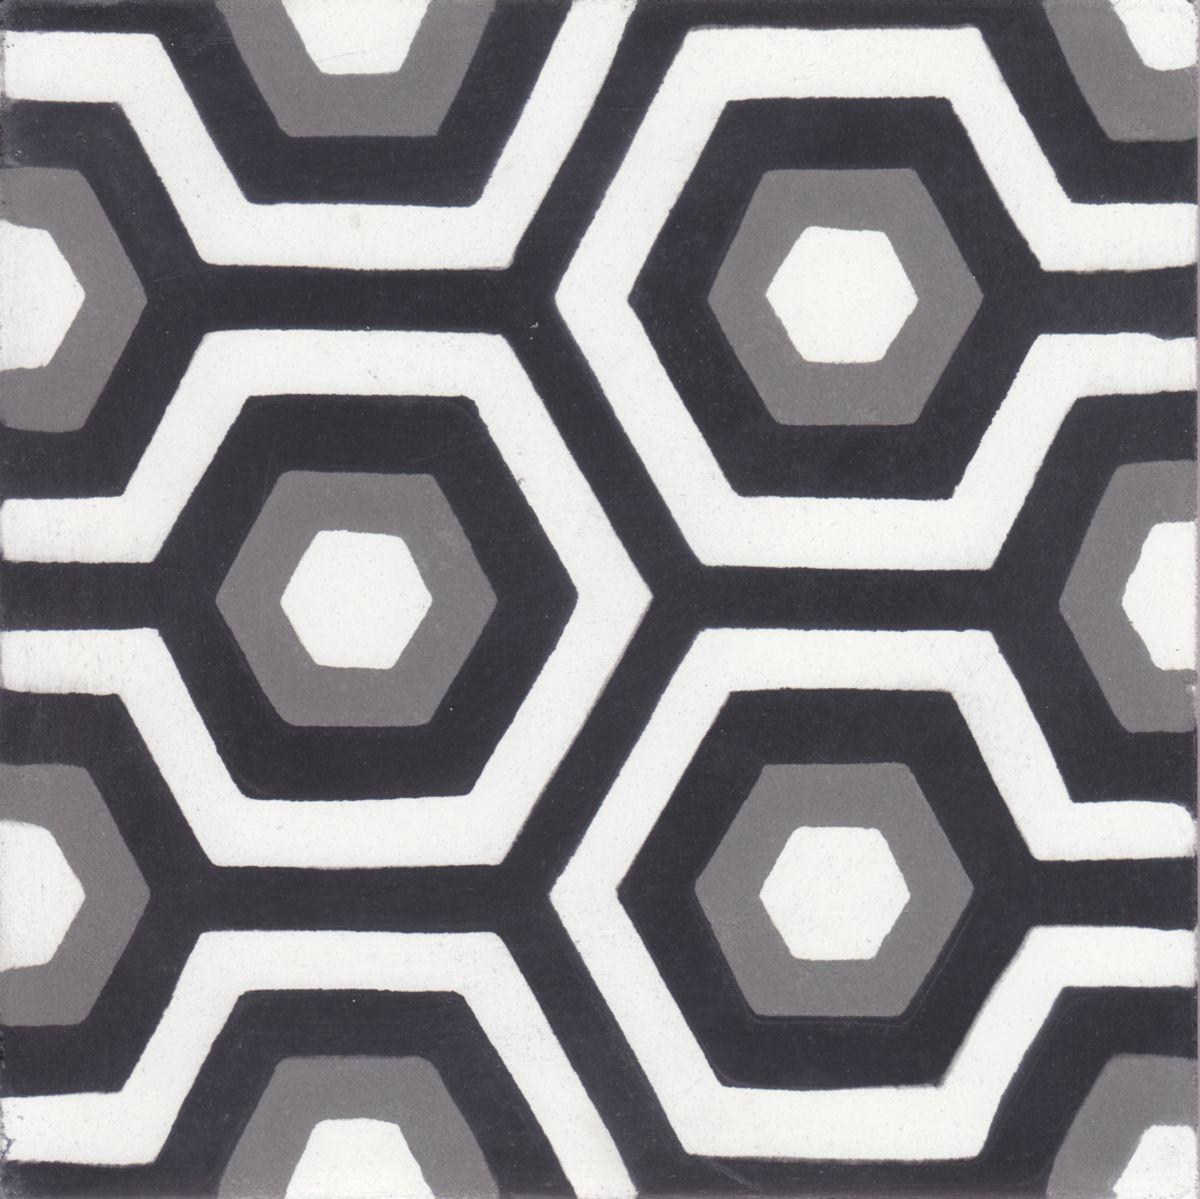 Carreau Ciment Diffusion Ceramique Joséphine décor 20x20cm